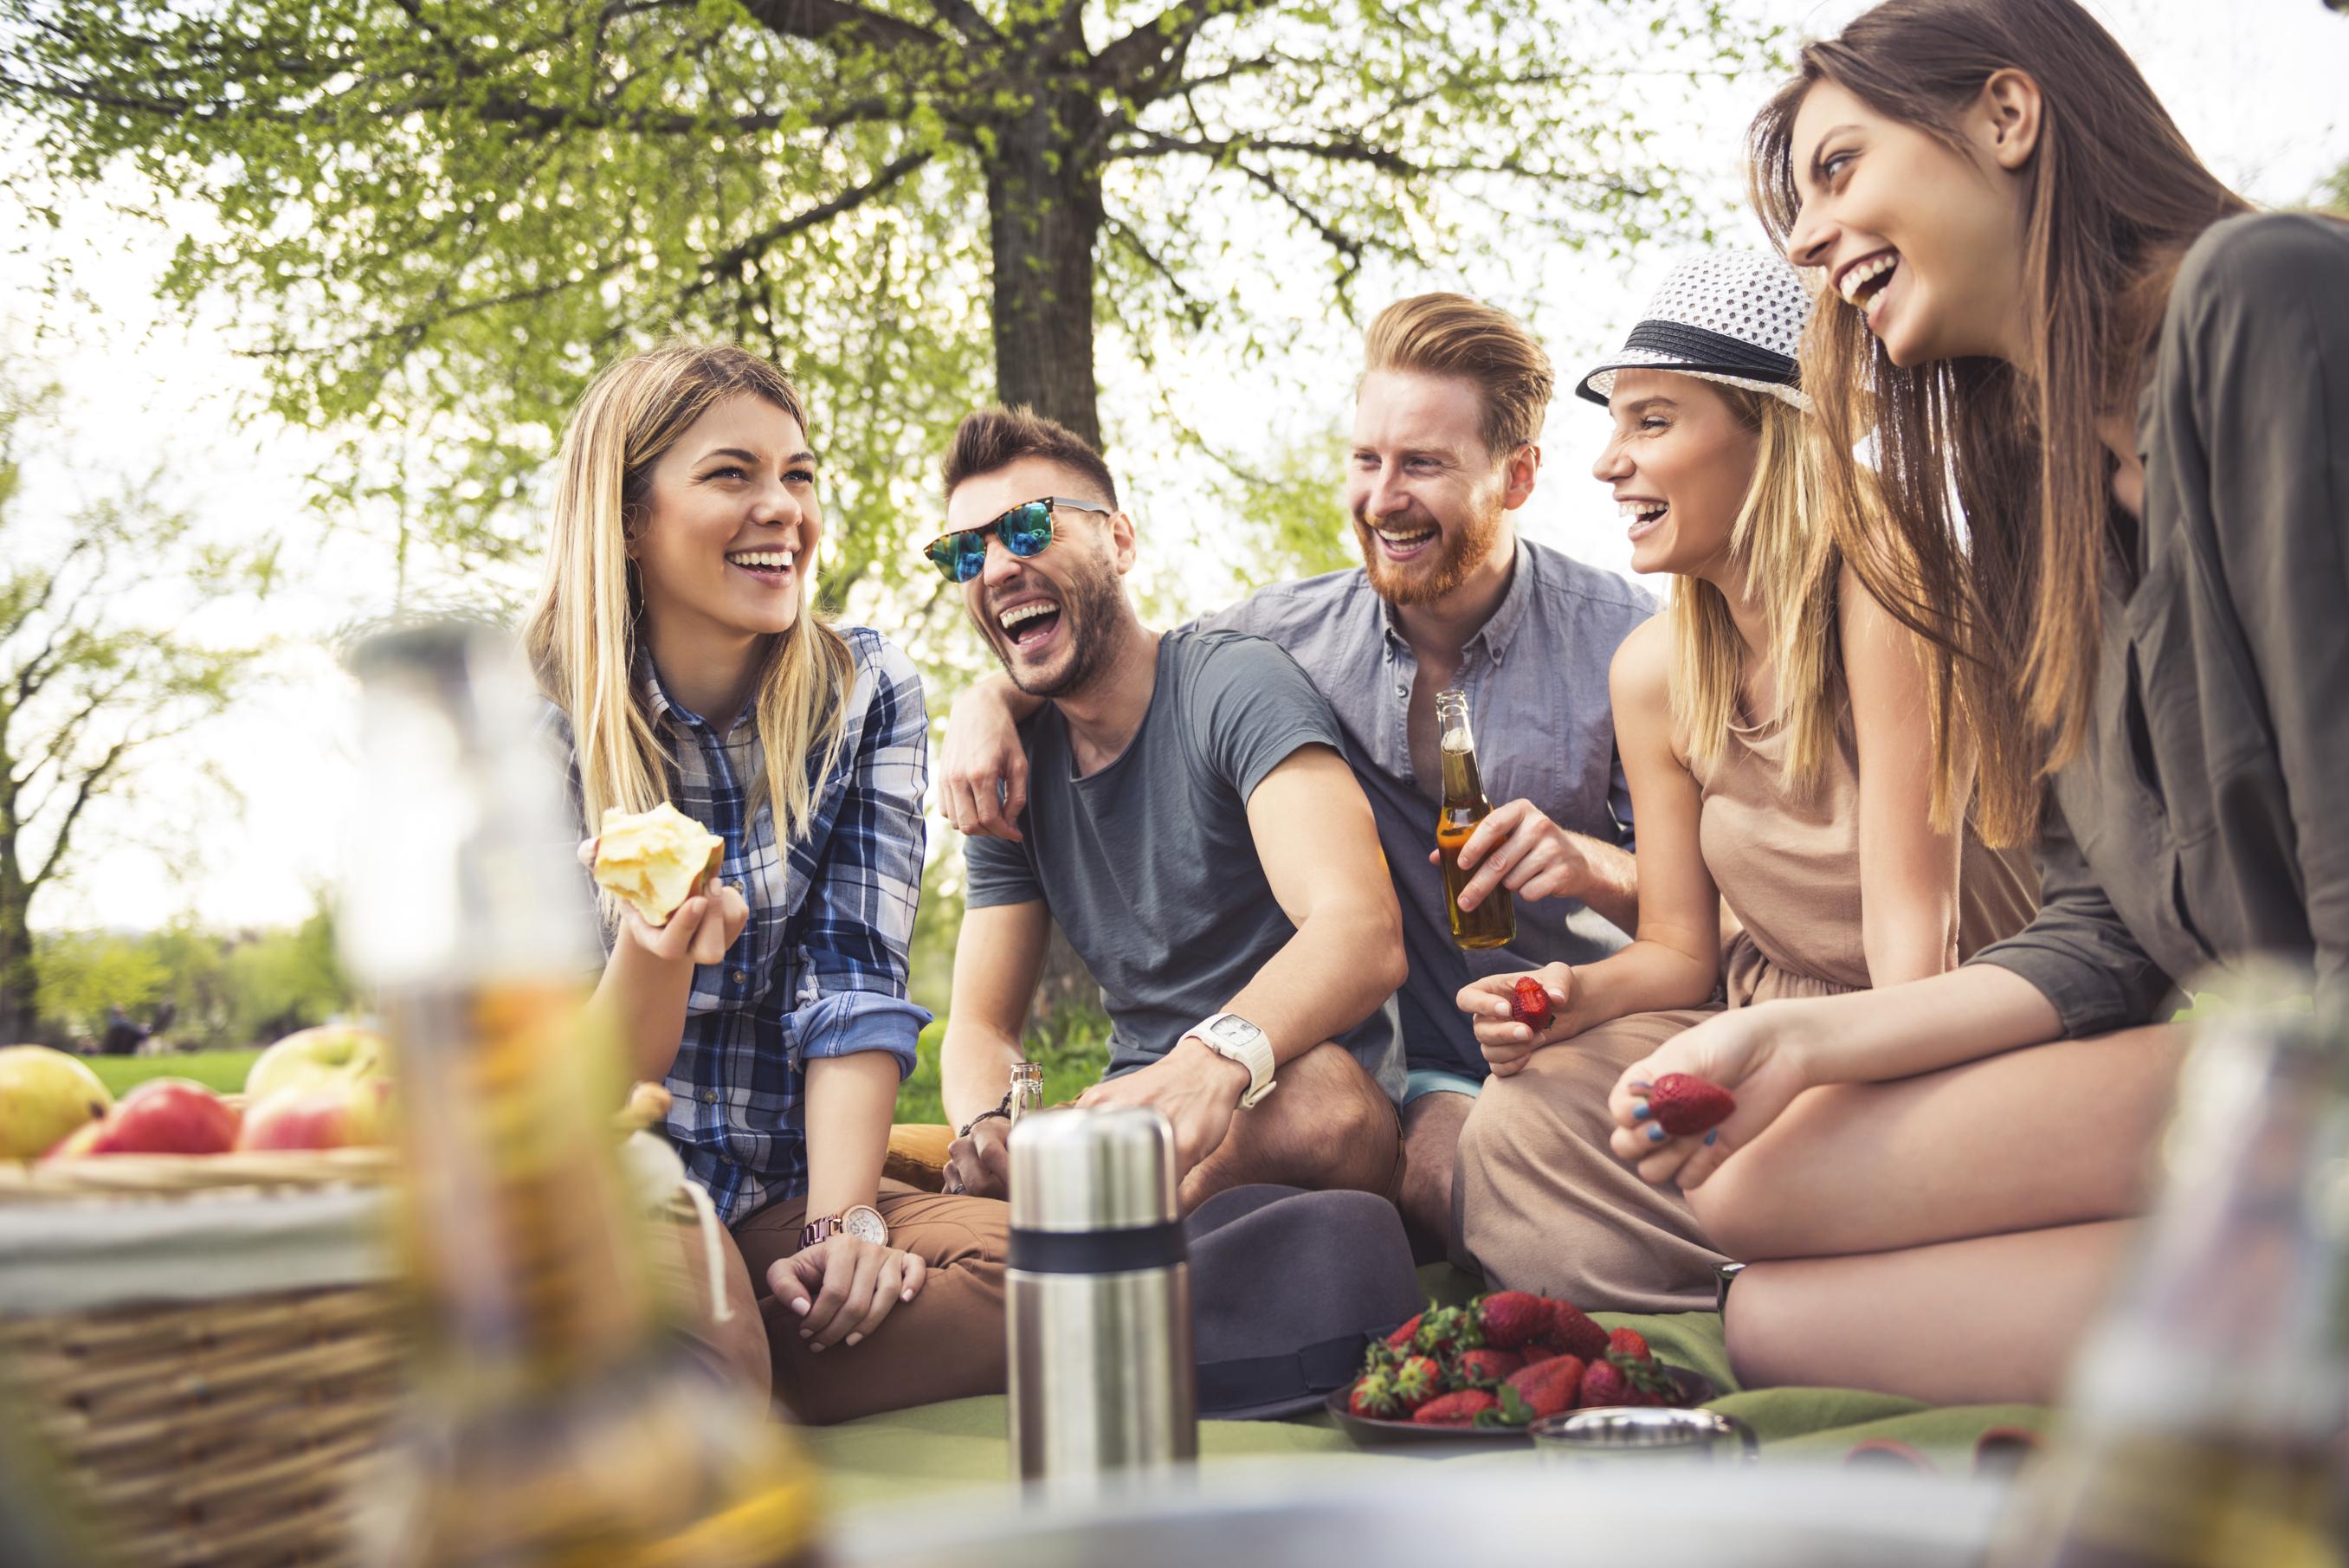 видео молодежи на пикнике отлавливали улицах